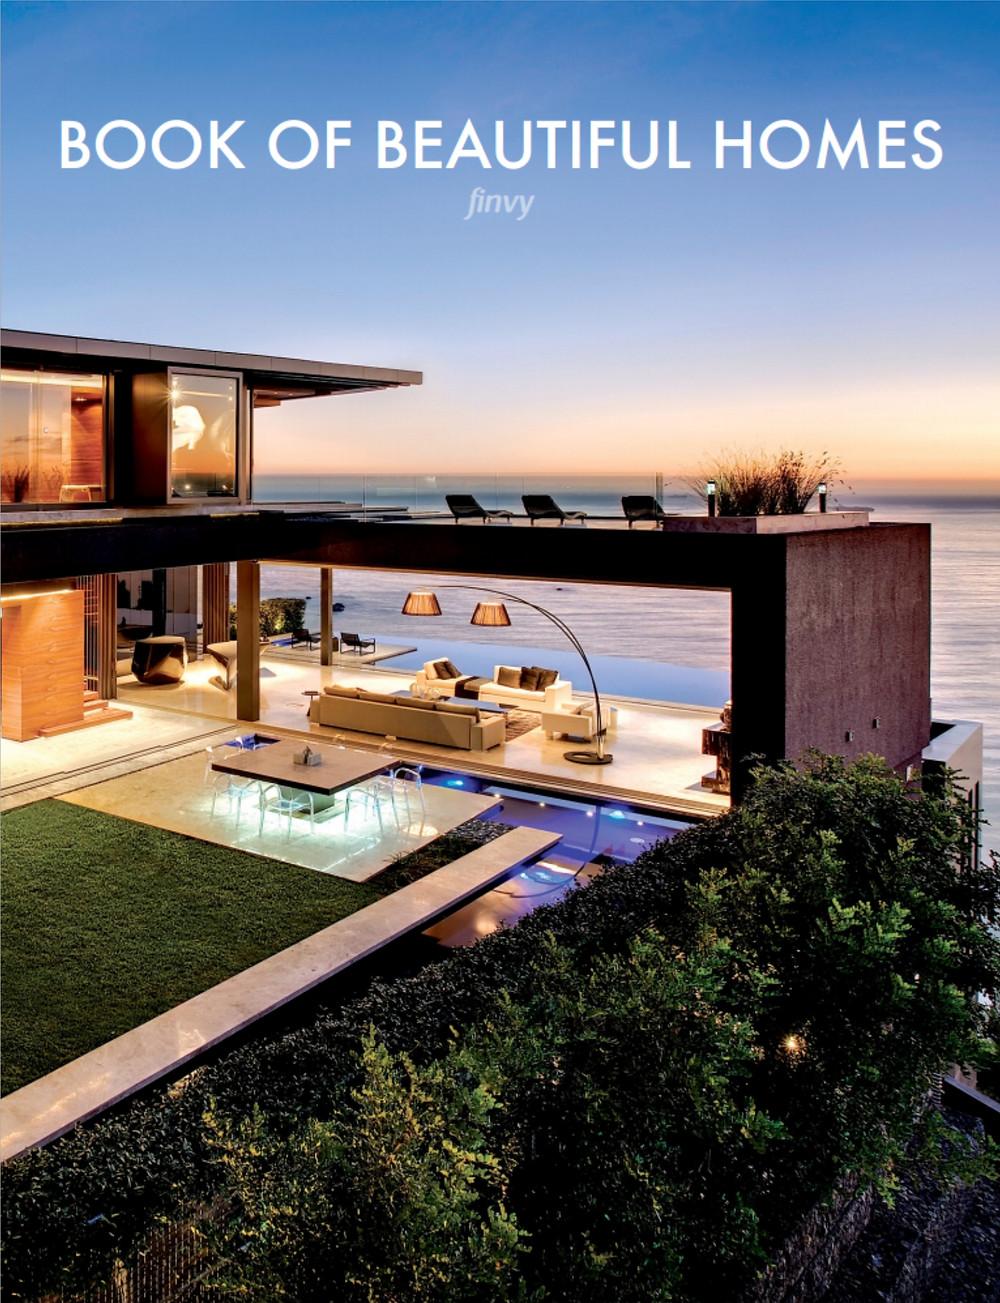 Publicação da Morato Arquitetura - Escritório de Arquitetura em Belo Horizonte